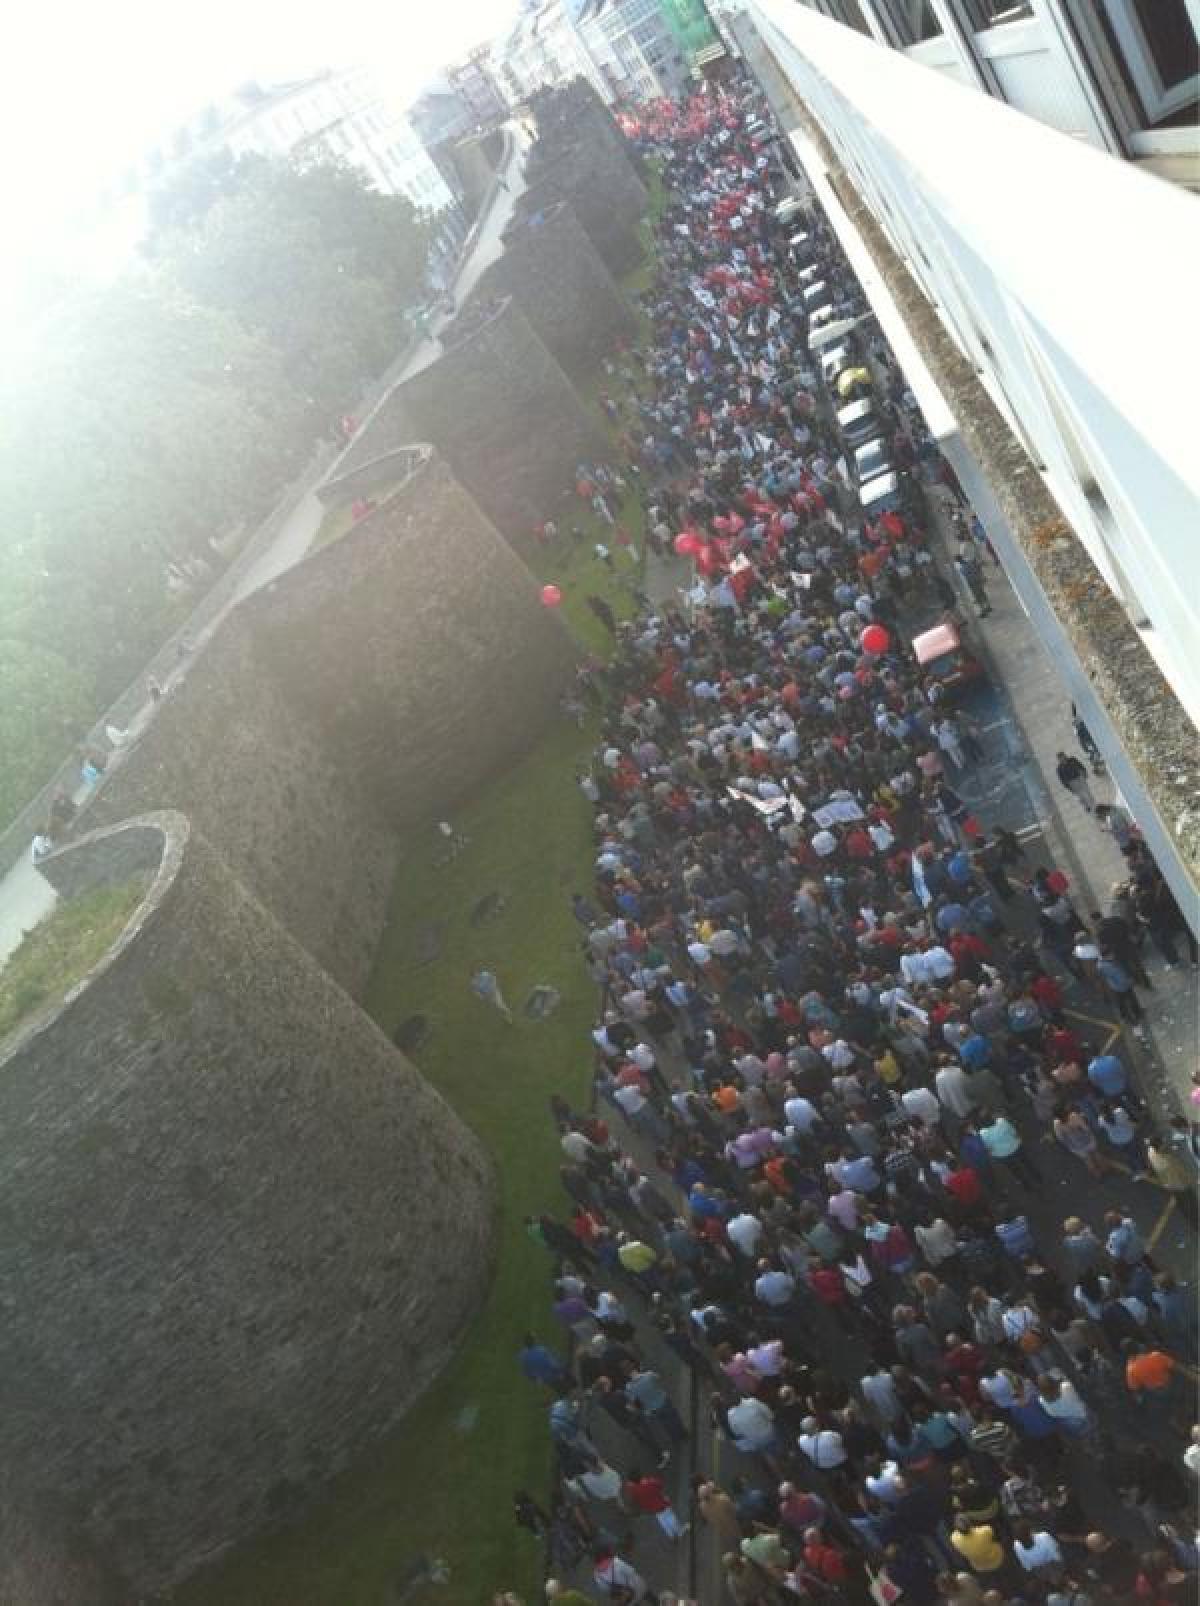 Multitude pola Ronda da Muralla, en Lugo